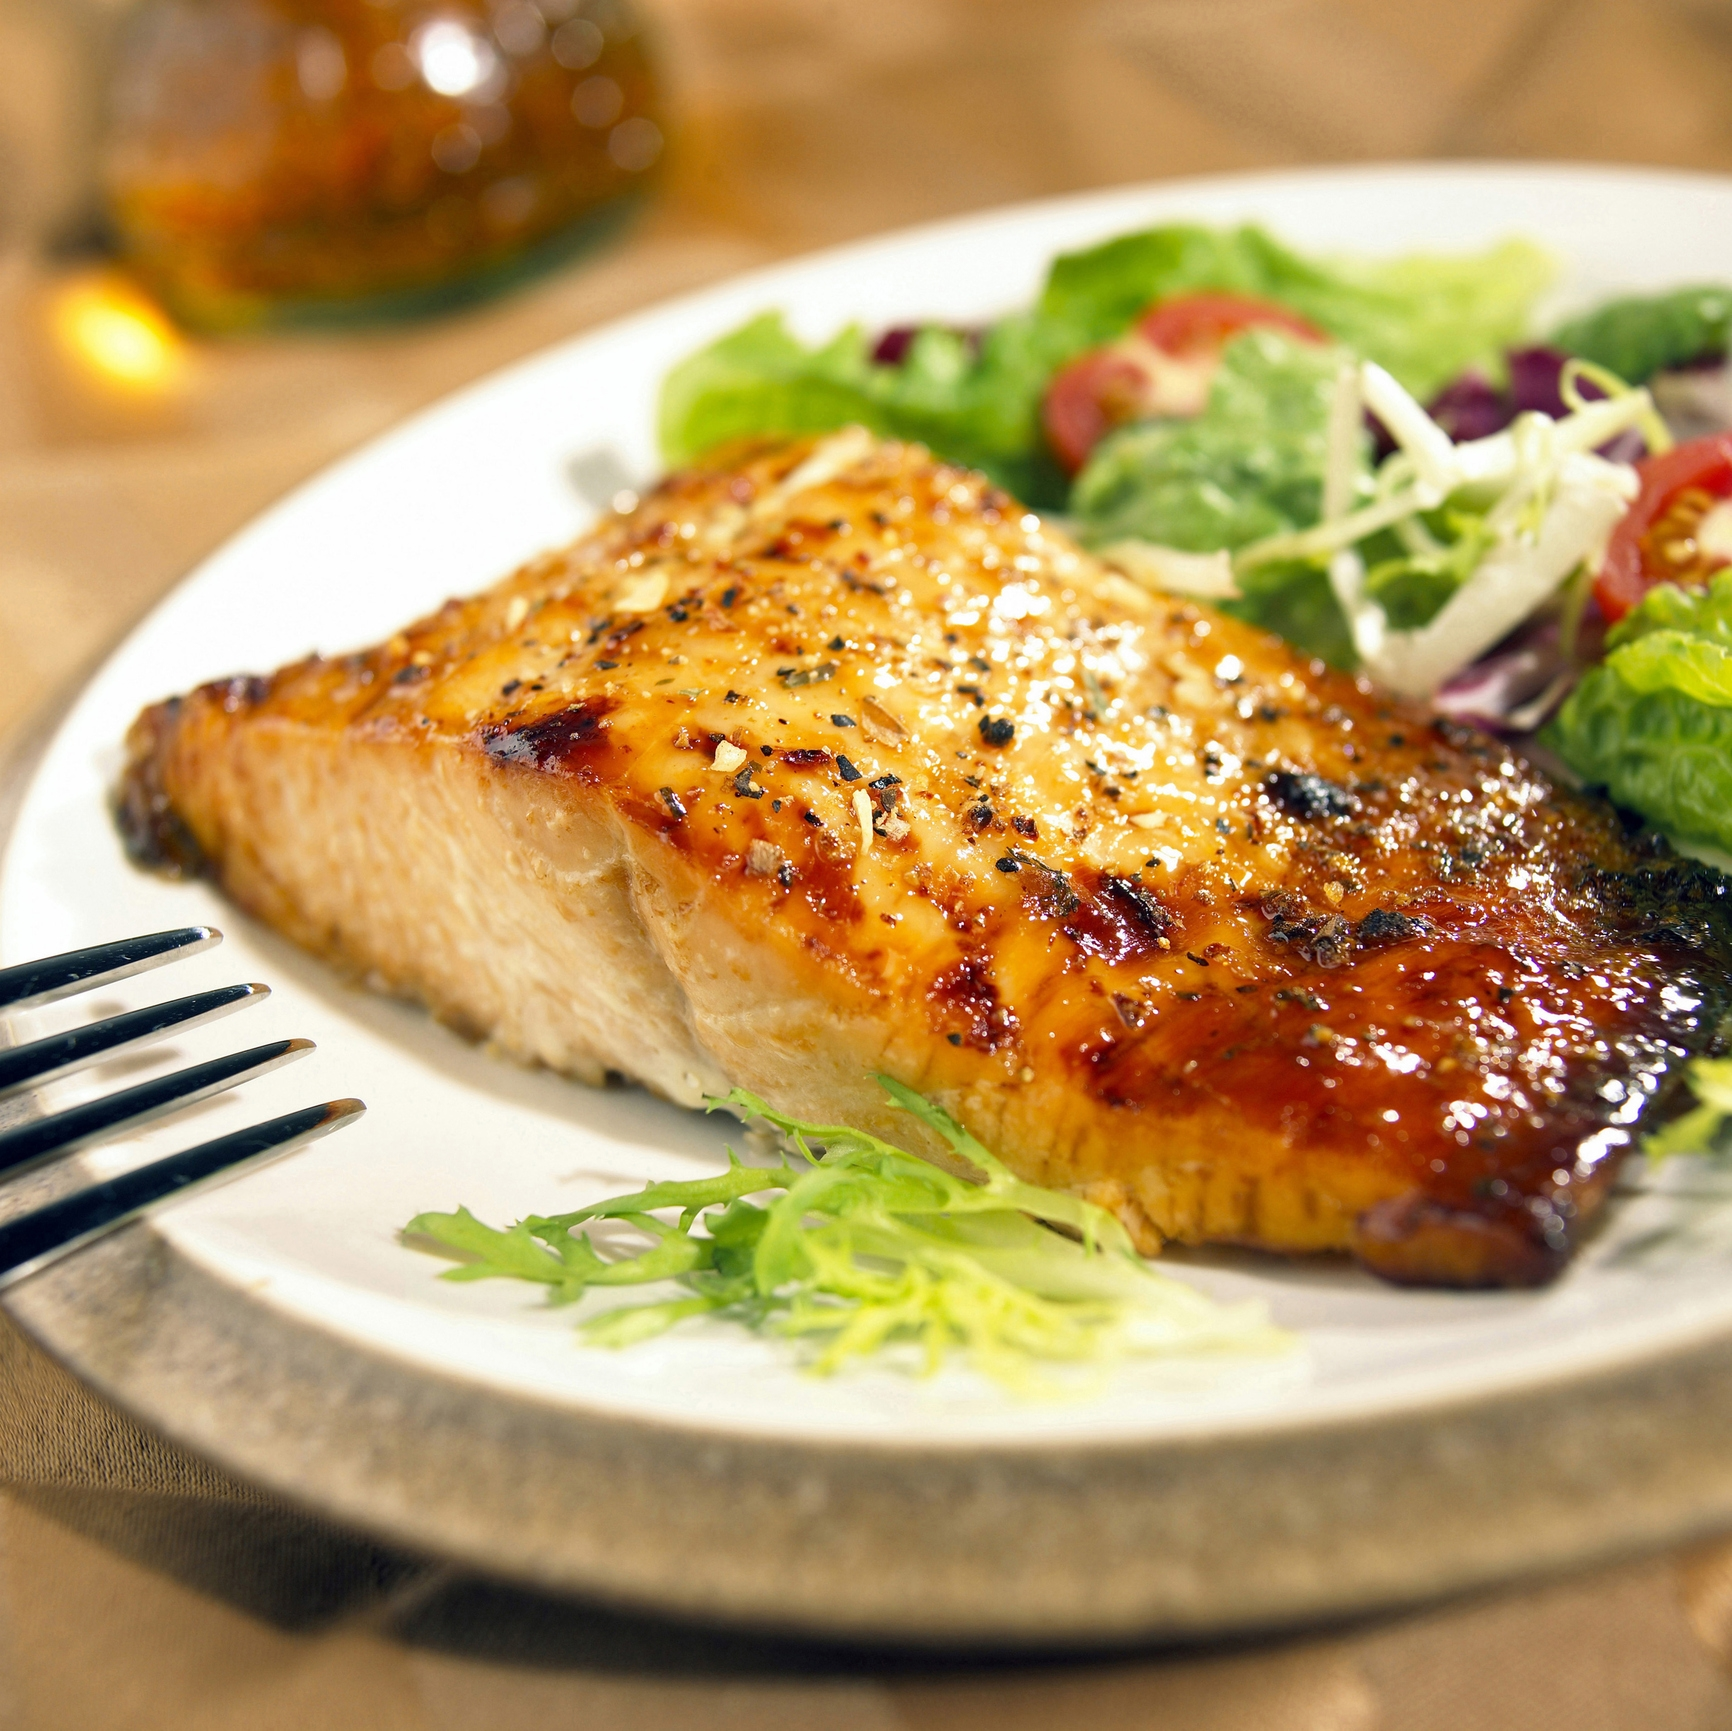 Уважавайте стомаха си. Ако вече се чувствате нахранени, но в чинията има още храна, не се тъпчете.